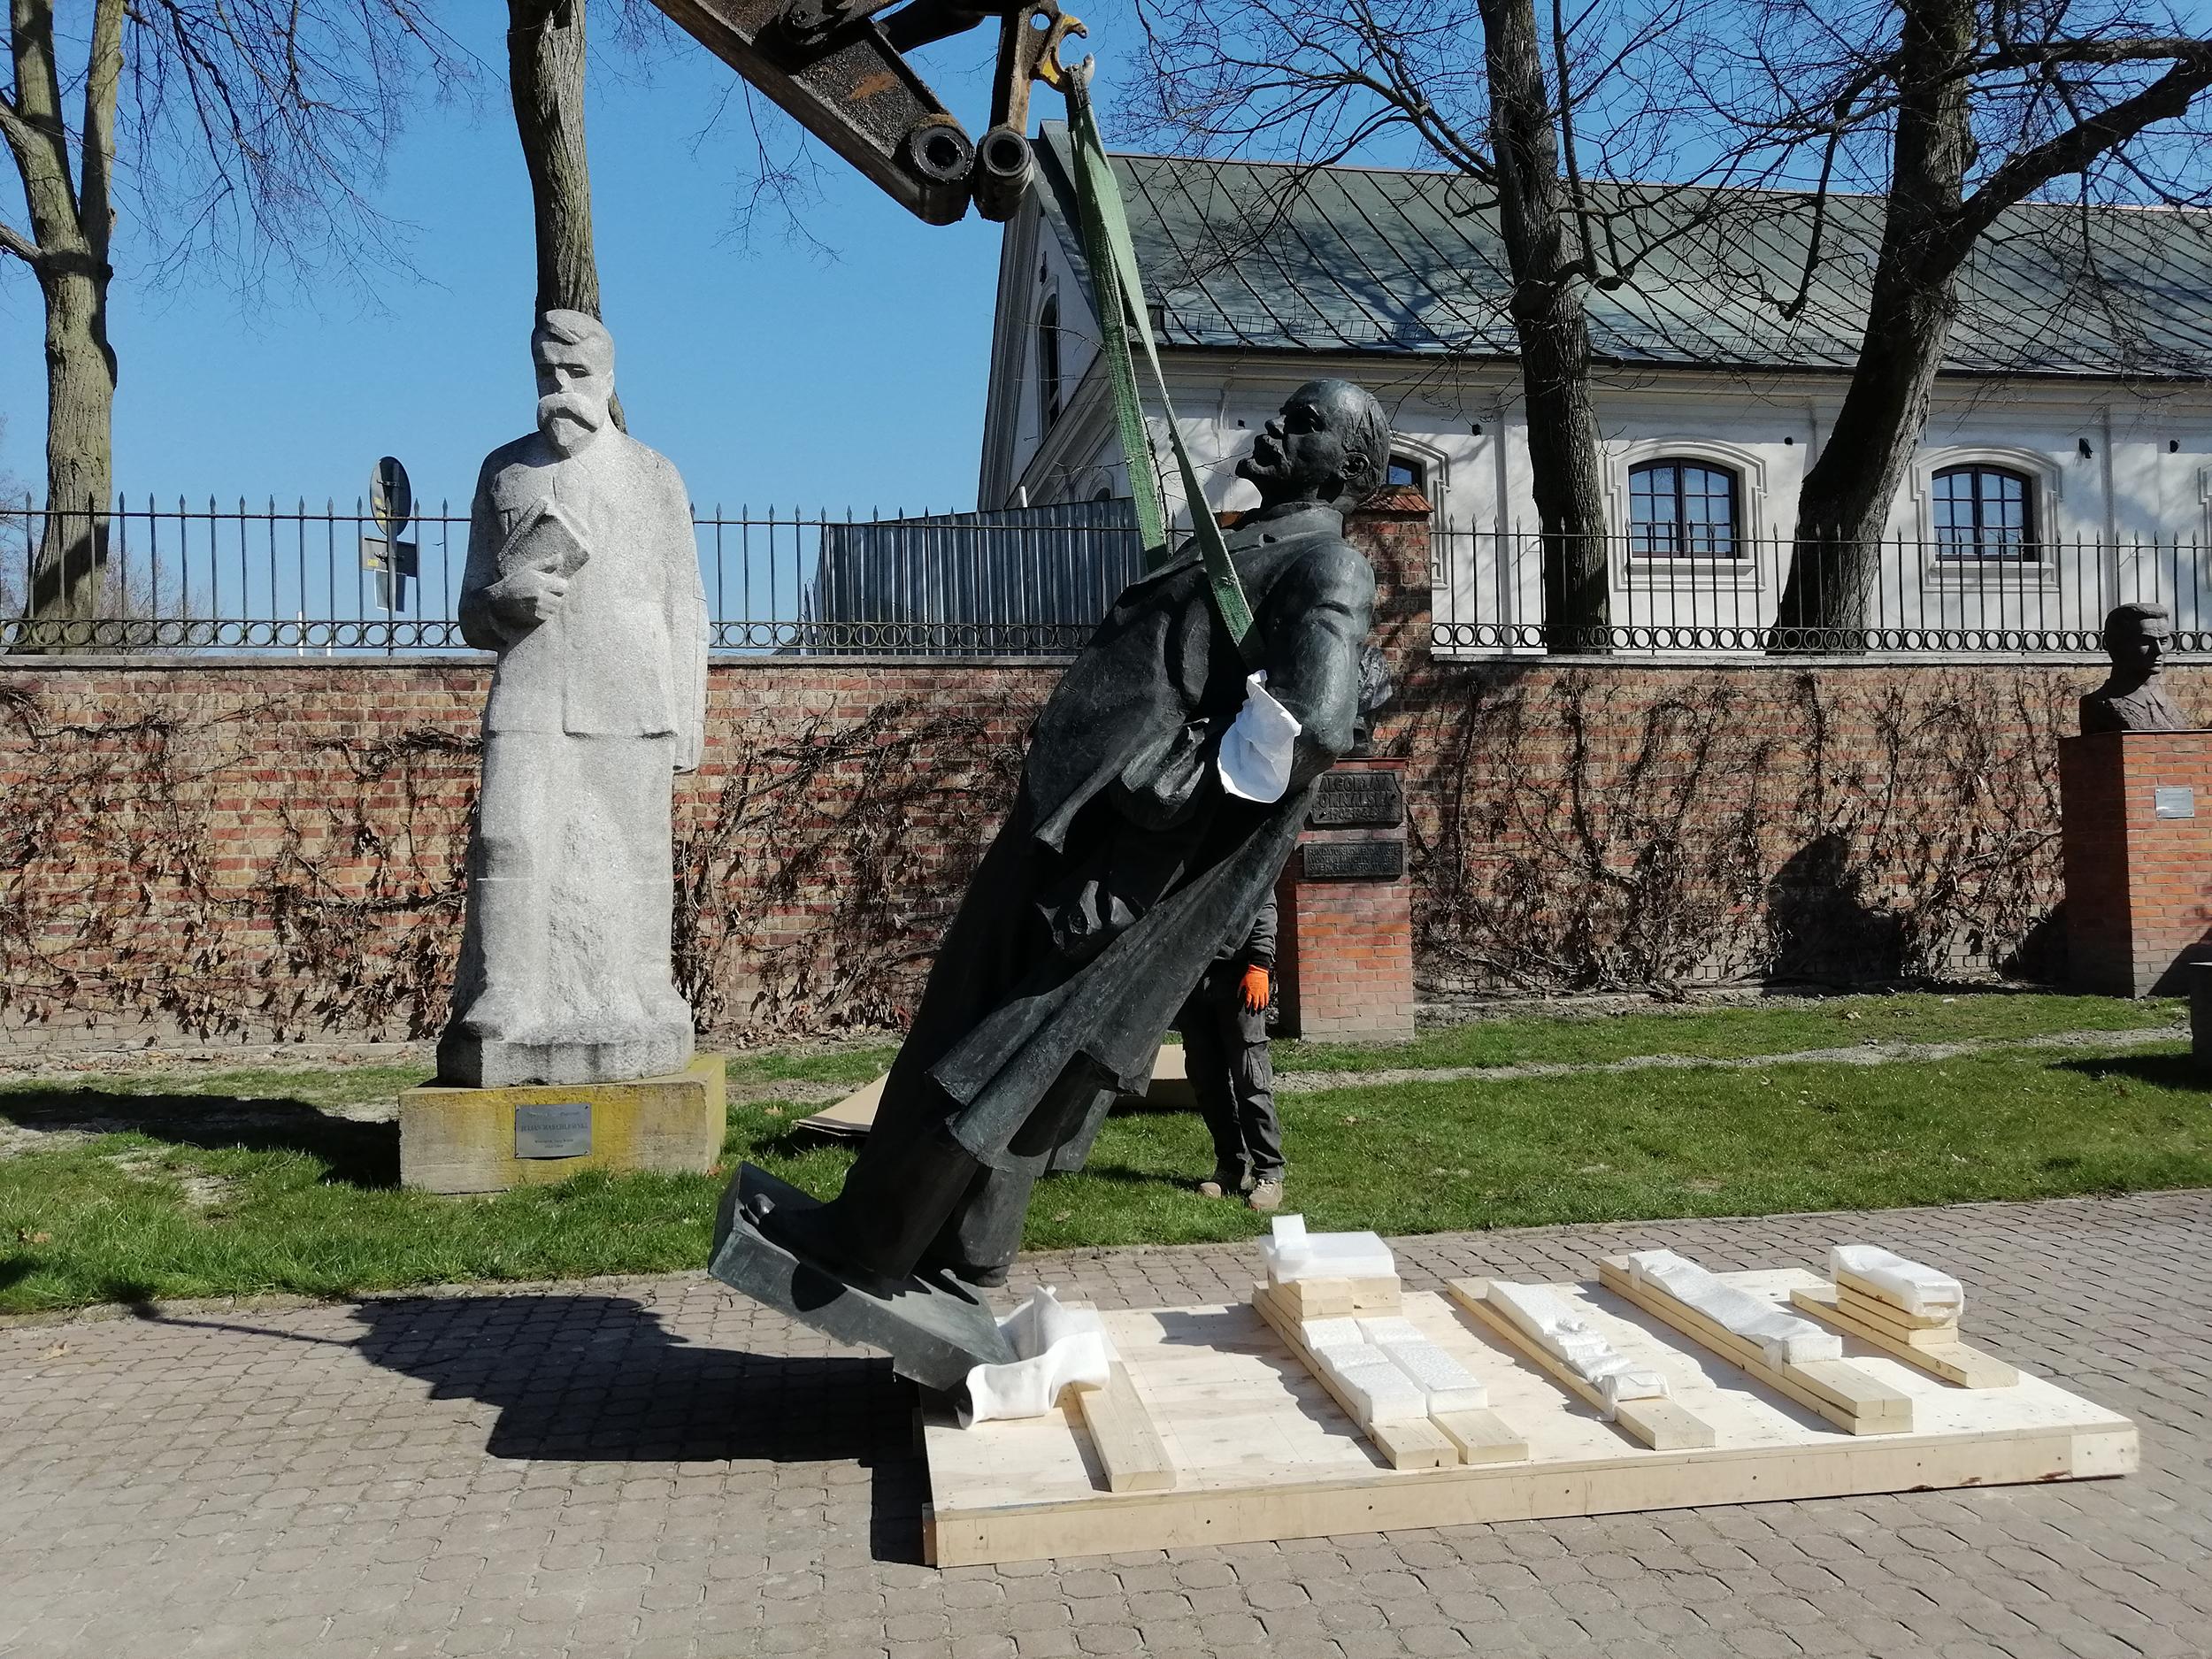 Fotografia. Pomnik Włodzimierza Lenina, postać całościowa. Rzeźba z brązu o wymiarach 260 x 120 x 75 cm podnoszona na pasach holowniczych do pozycji pionowej.